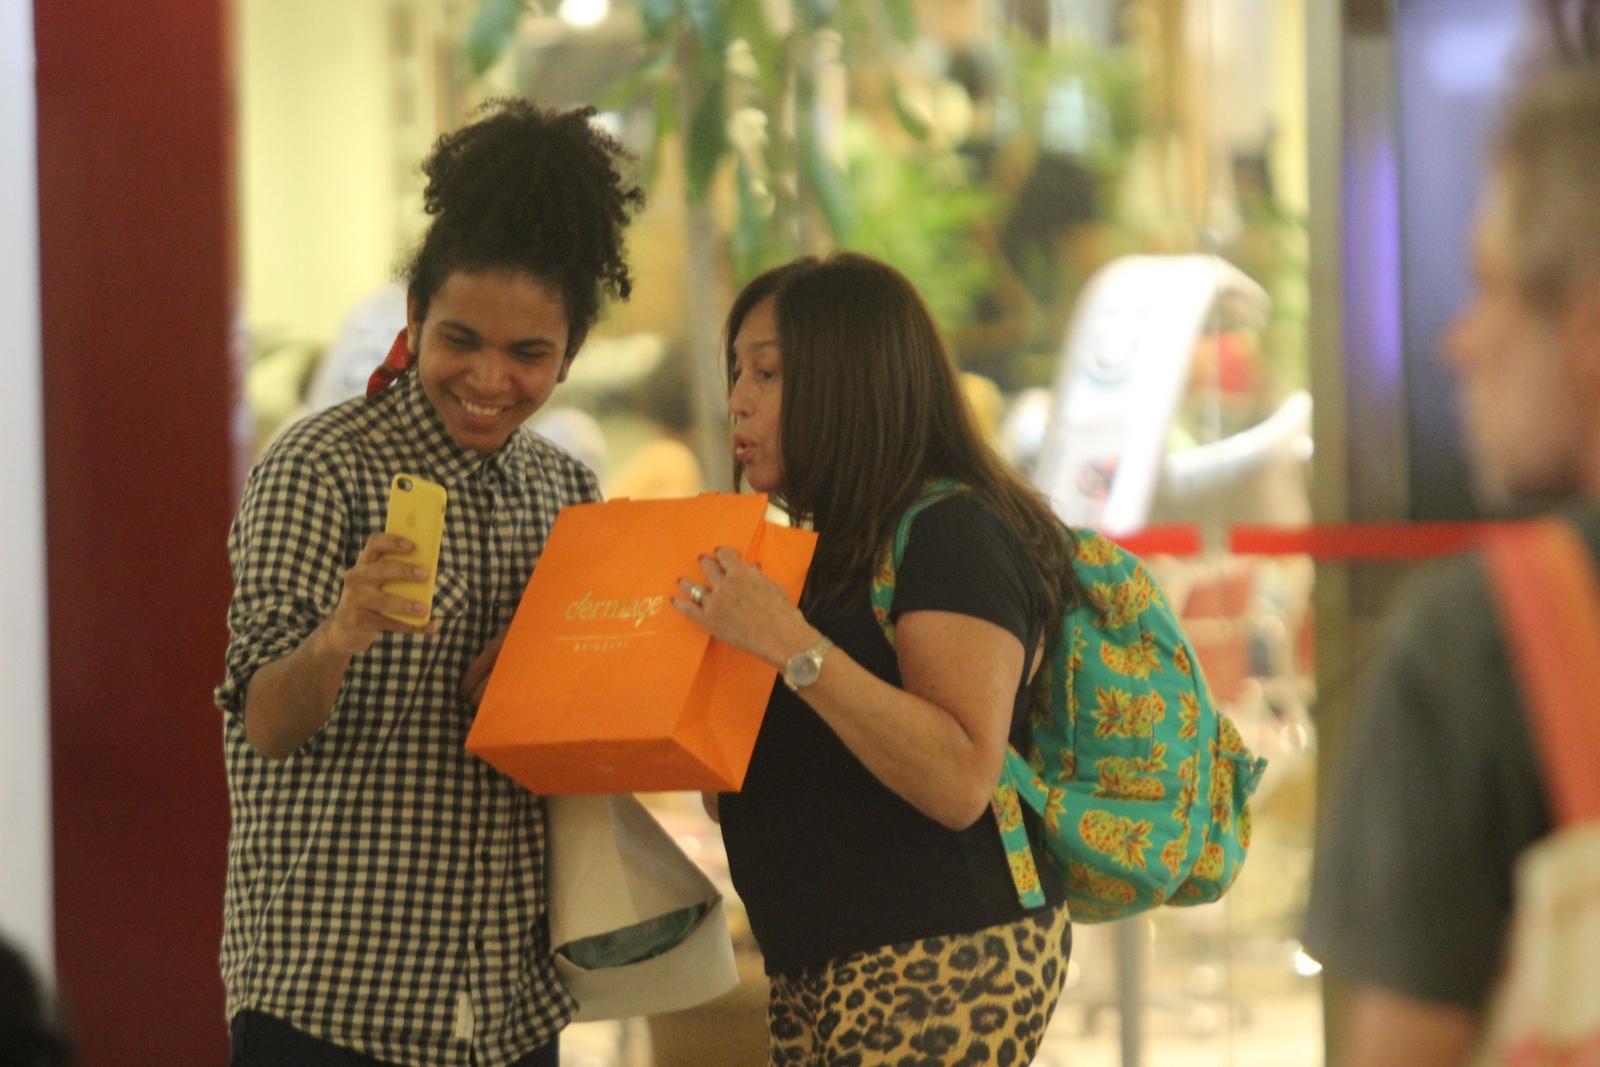 Susana Vieira interage com fãs dentro de um shopping